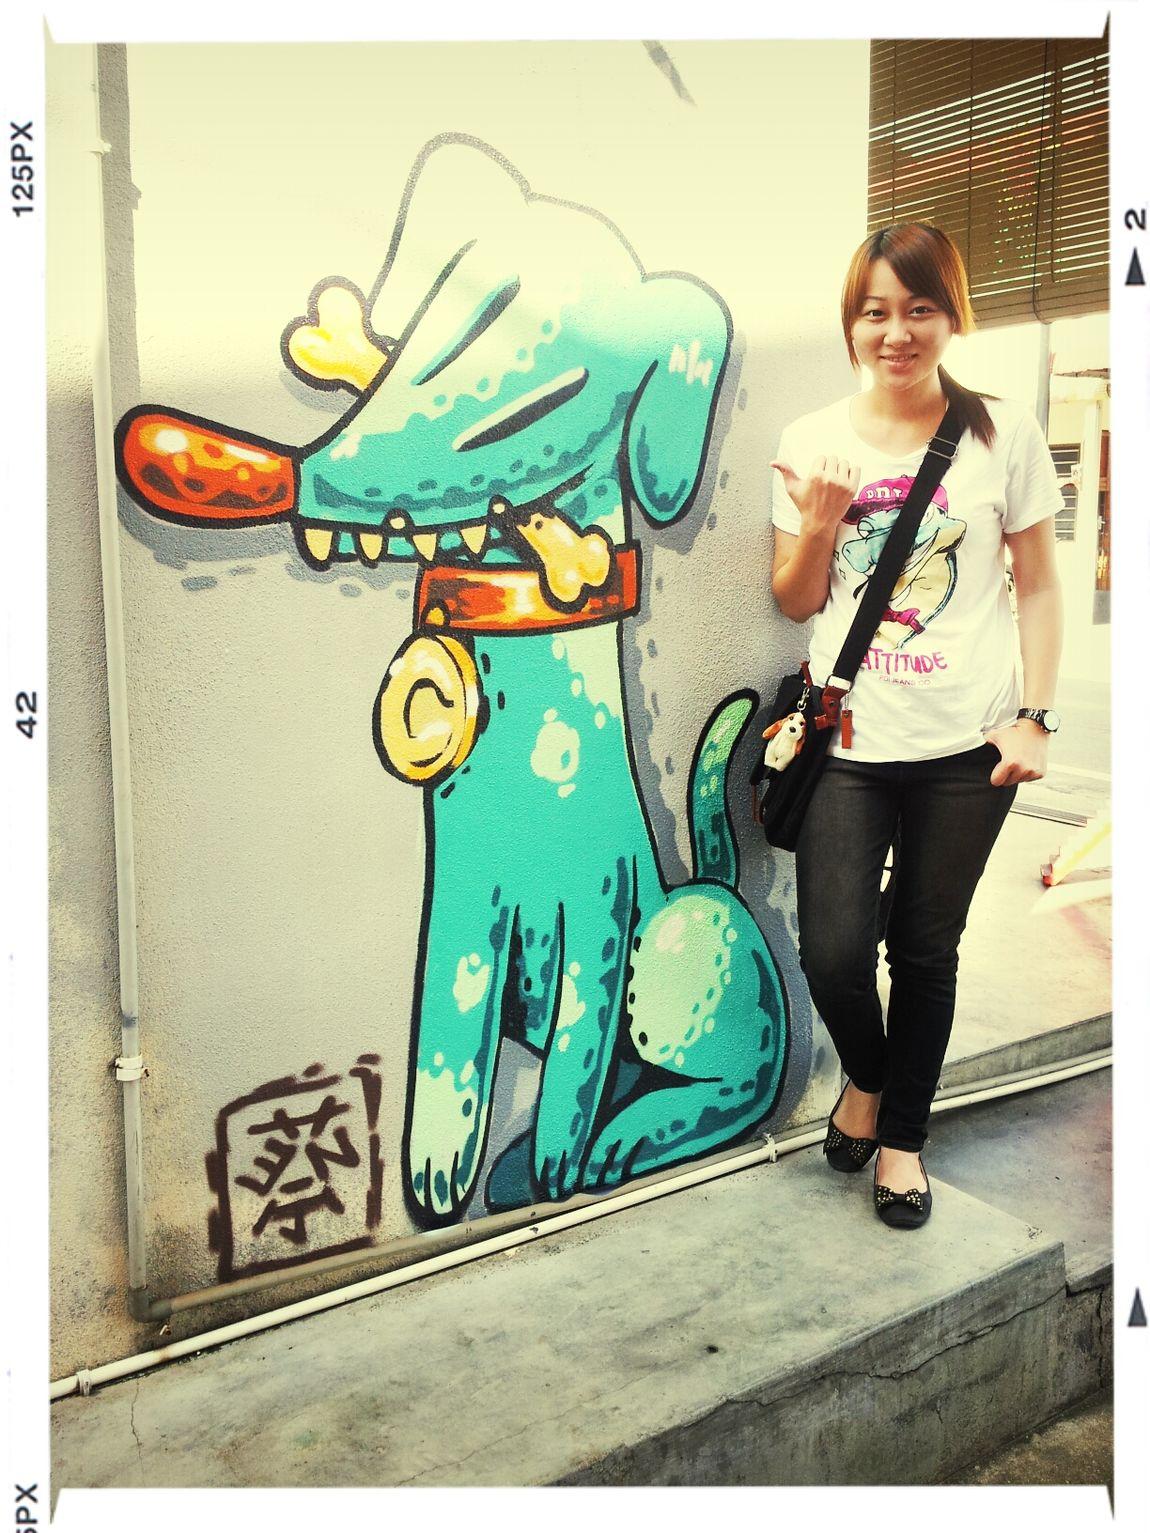 awsome art ....(*^.^*)